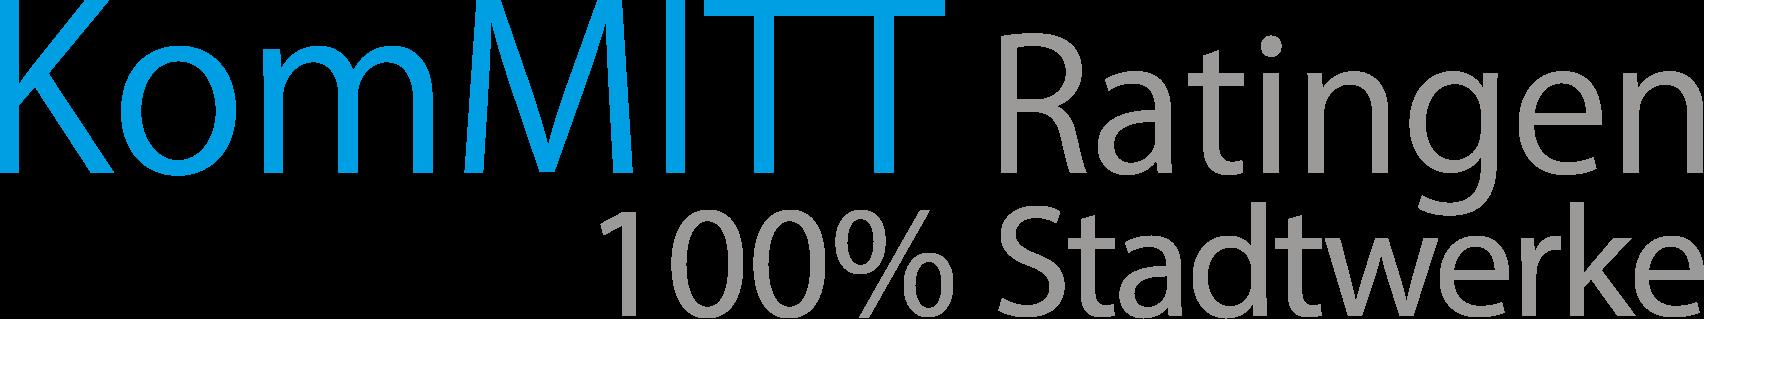 kommitt Logo